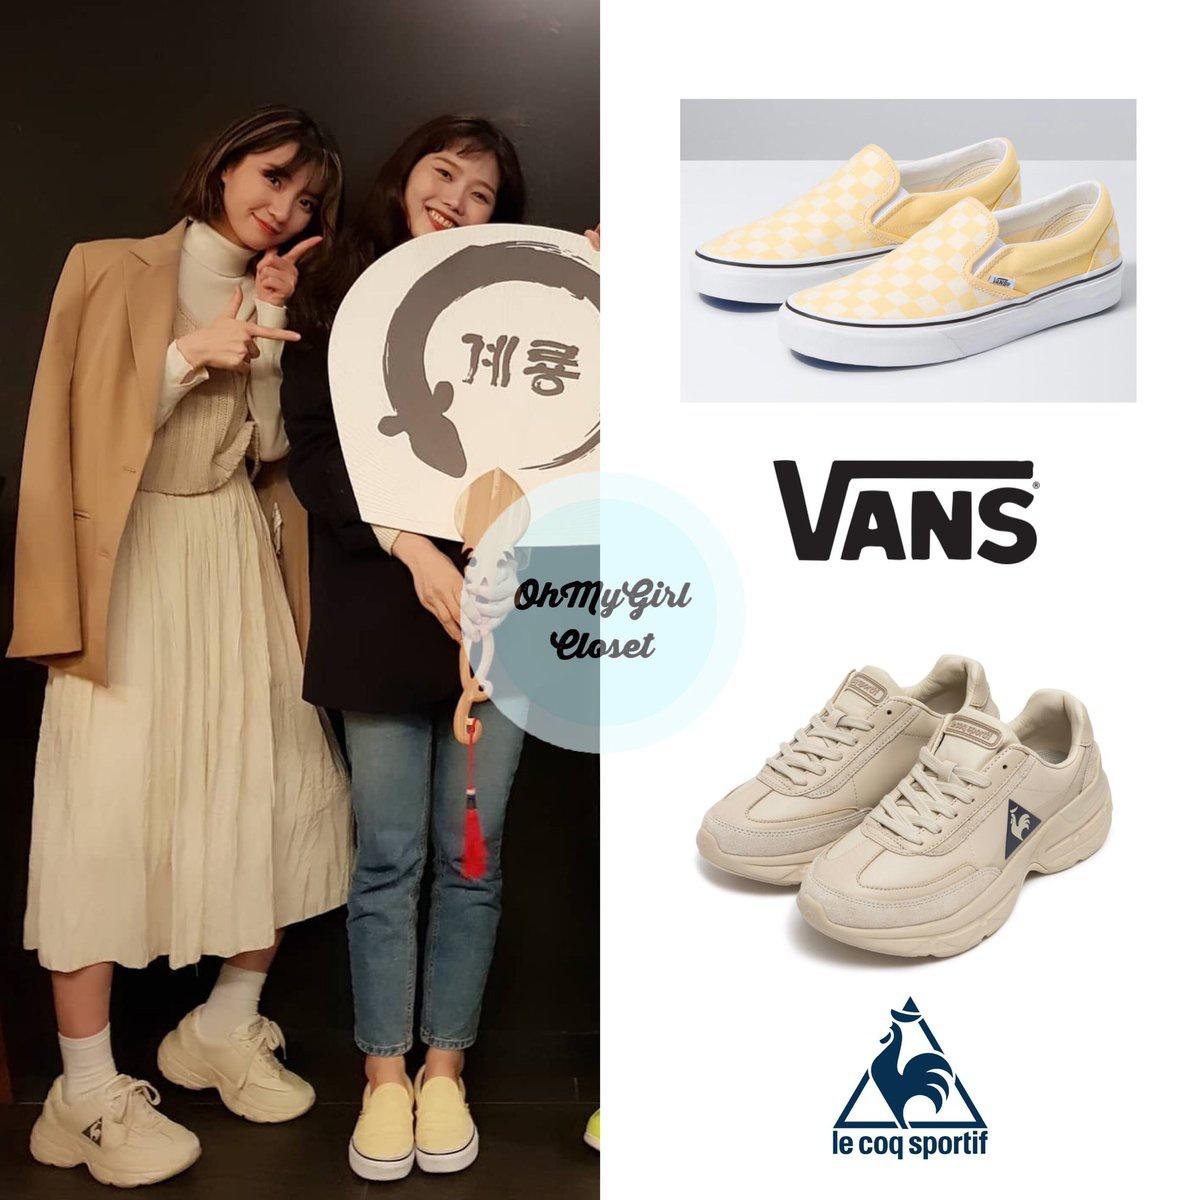 200409 & on gyeryongfood instagram post wearing Vans ...